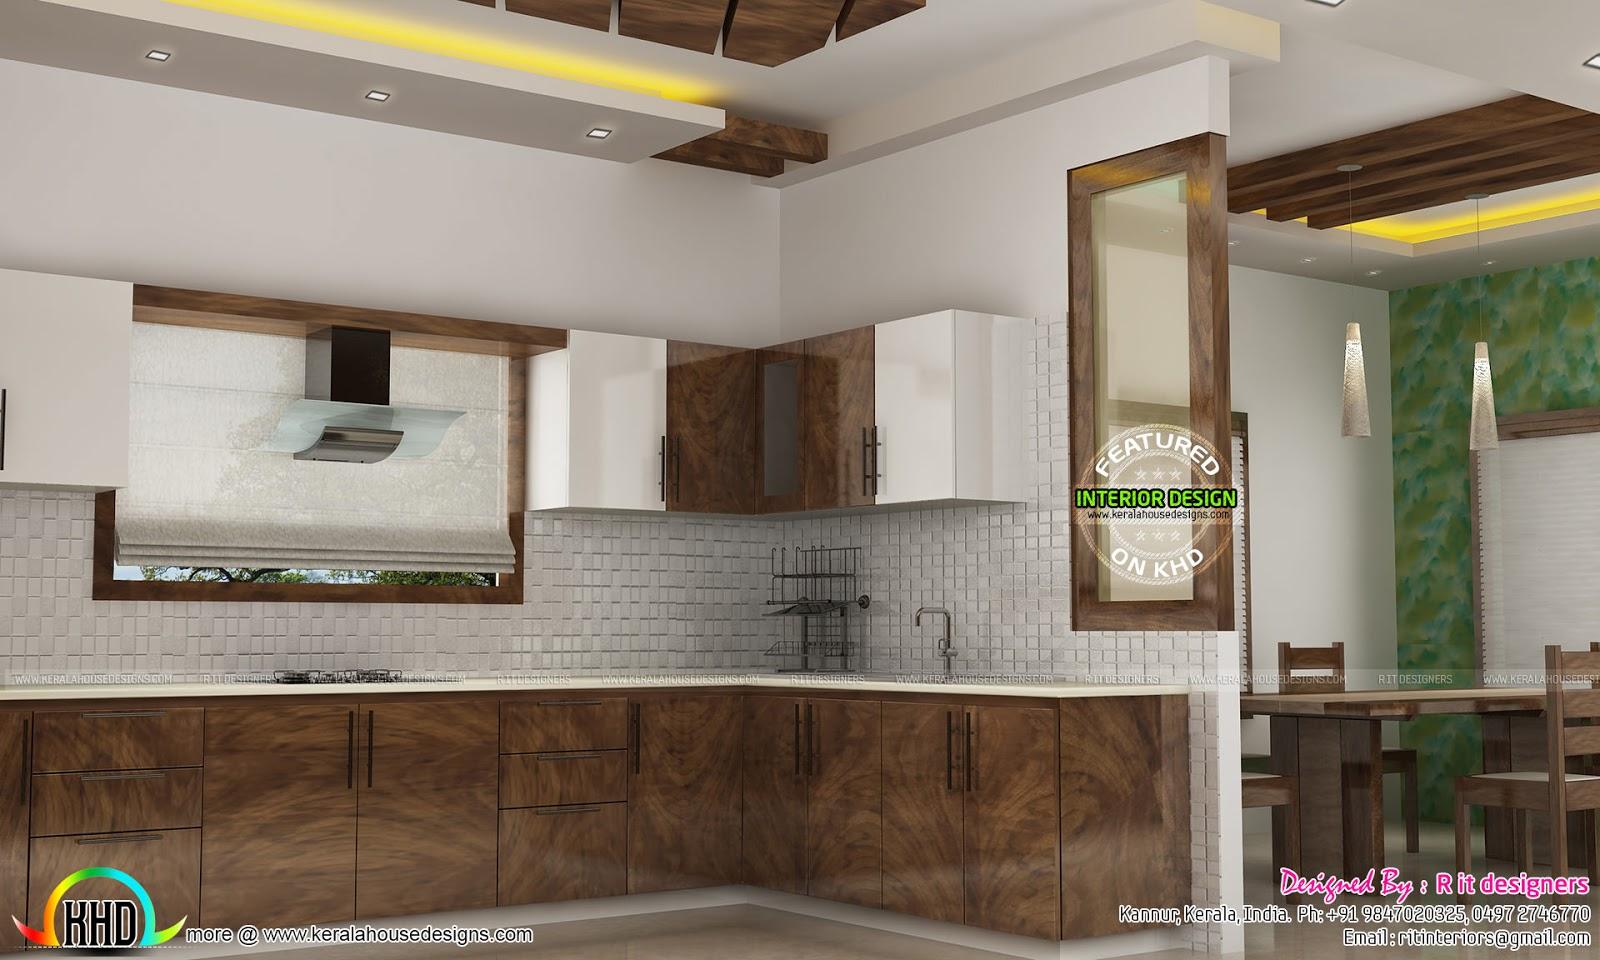 Dining, kitchen, living room interior designs - Kerala ...